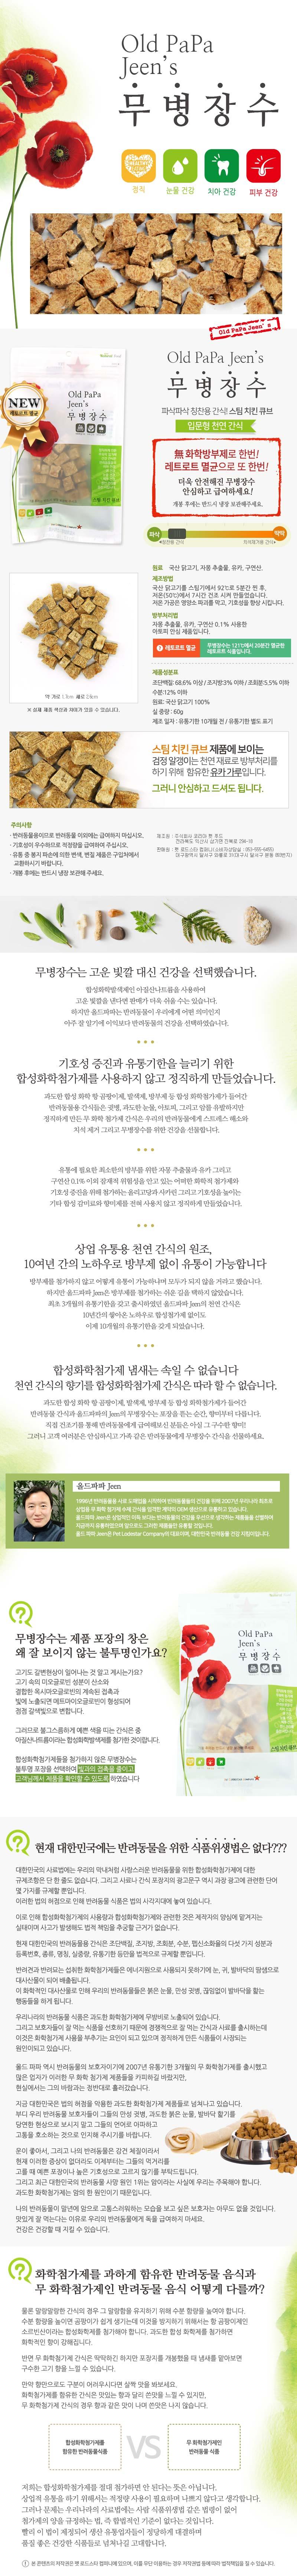 무병장수_스팀치킨큐브(입급용).jpg